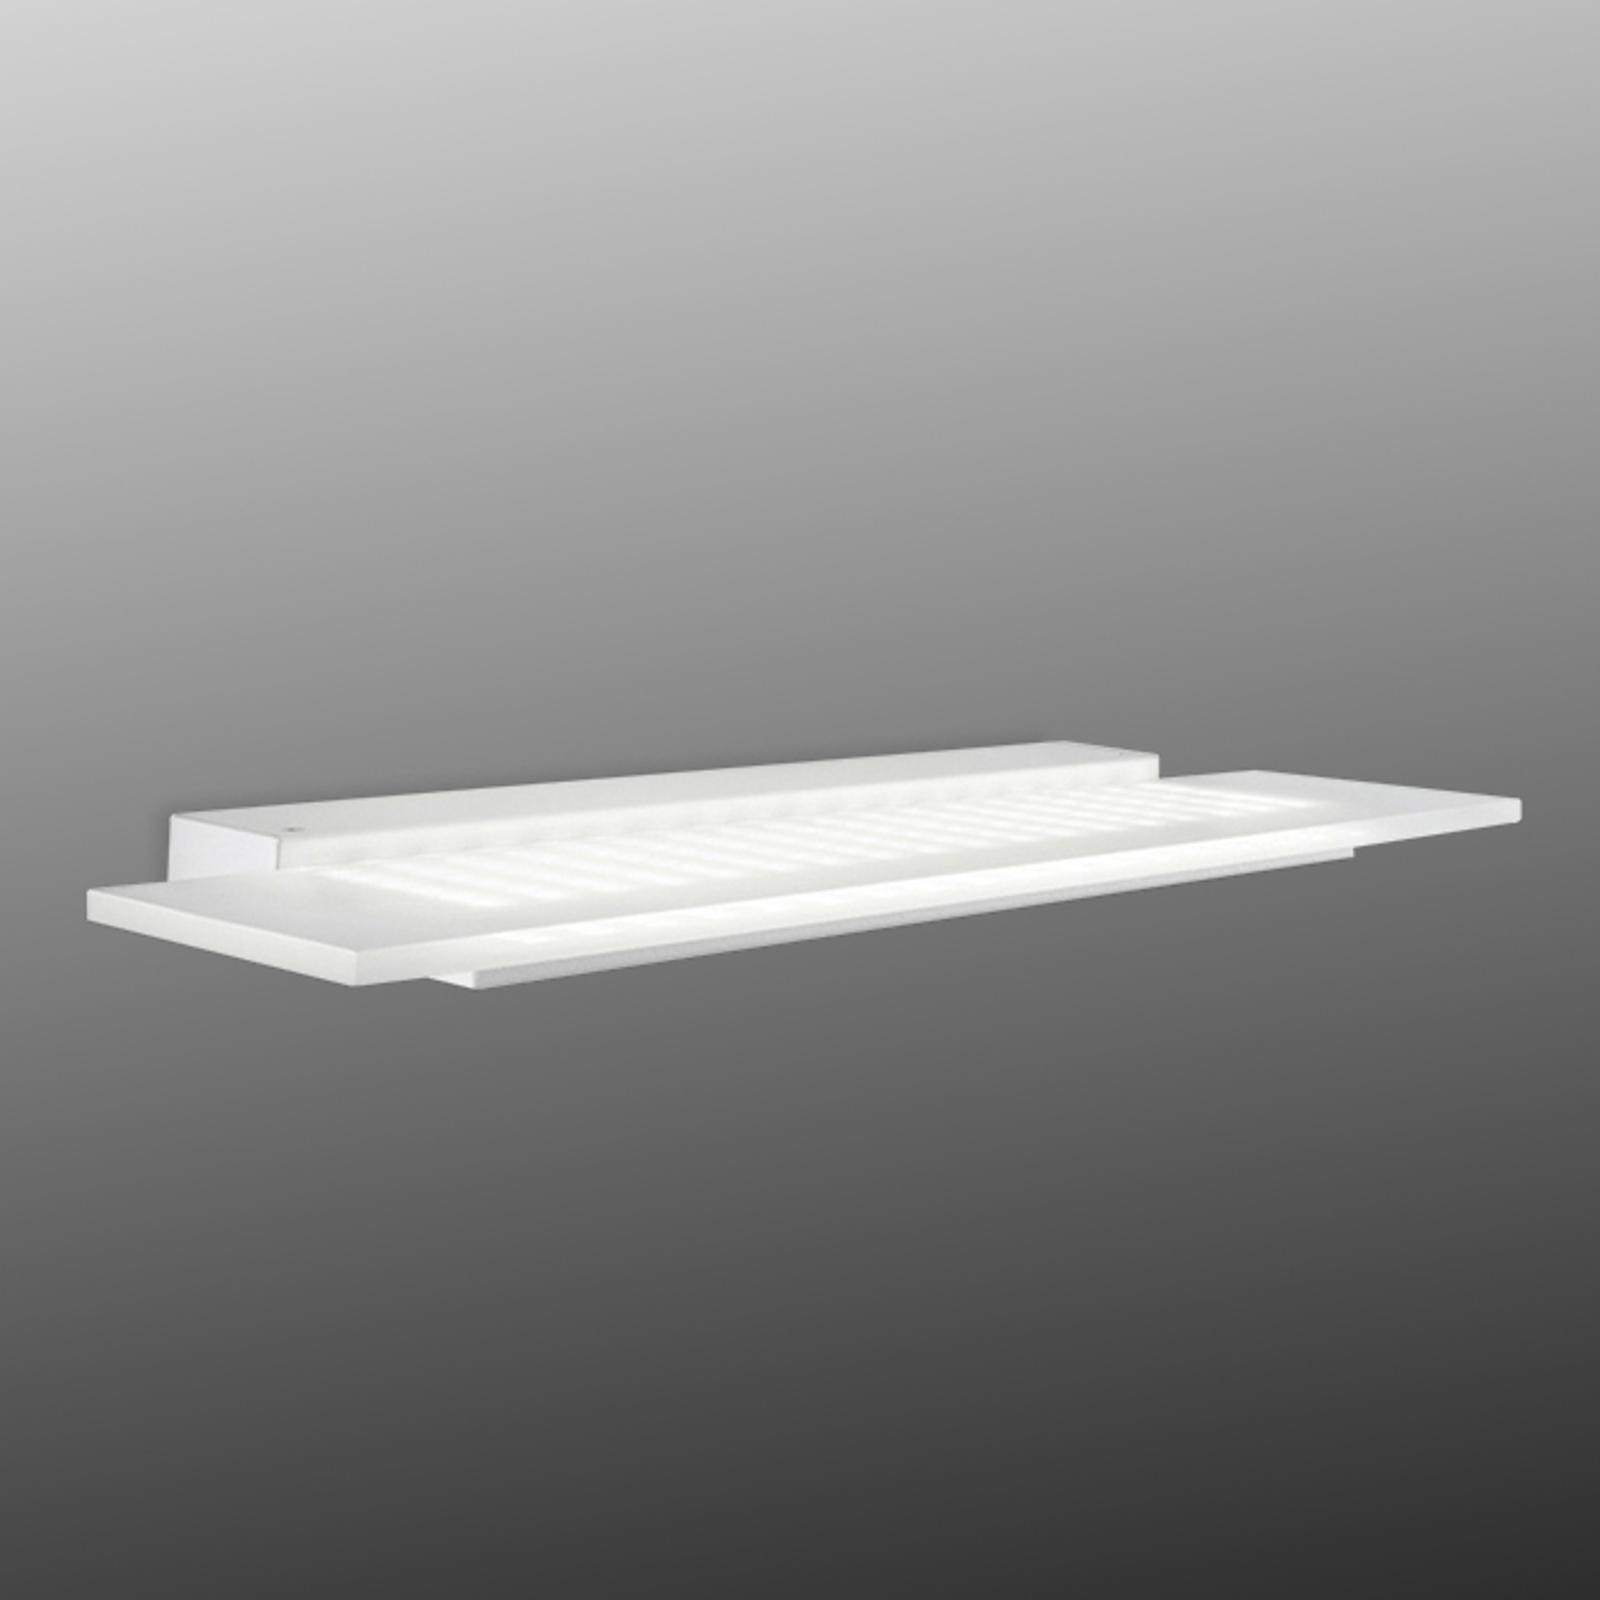 Dublight - applique LED, 48 cm